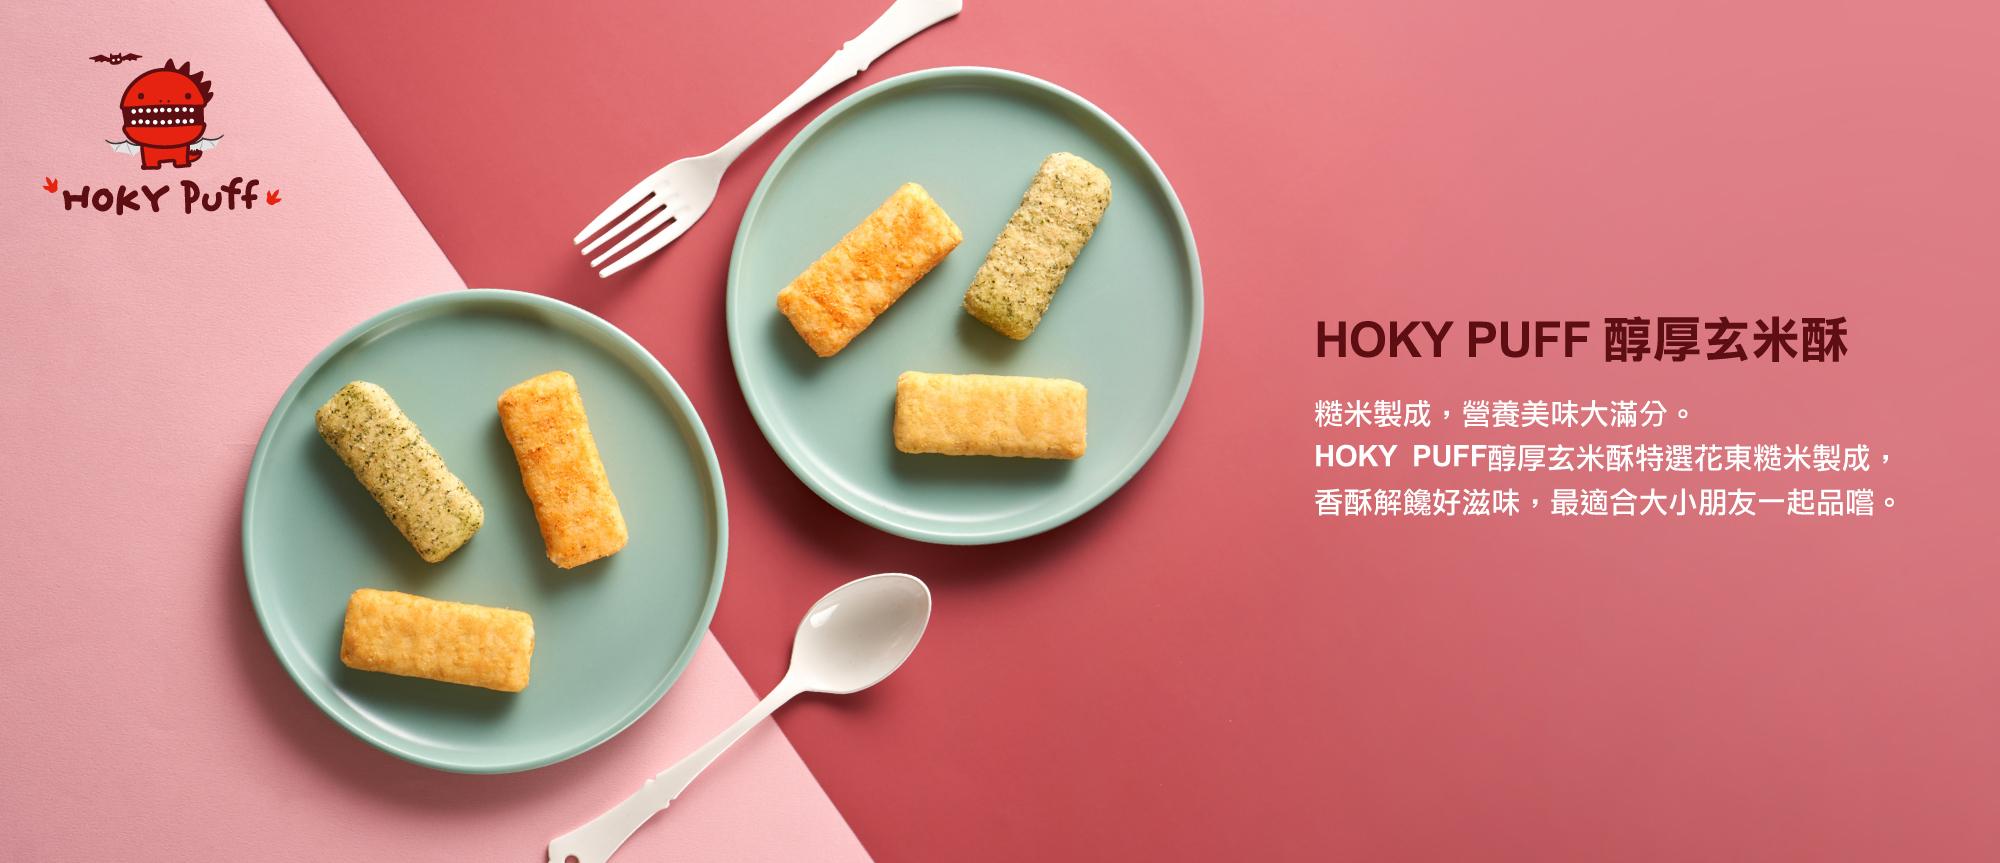 hoky puff醇厚玄米酥,多口味米餅,起司米餅,海苔米餅,鹹蛋黃米餅